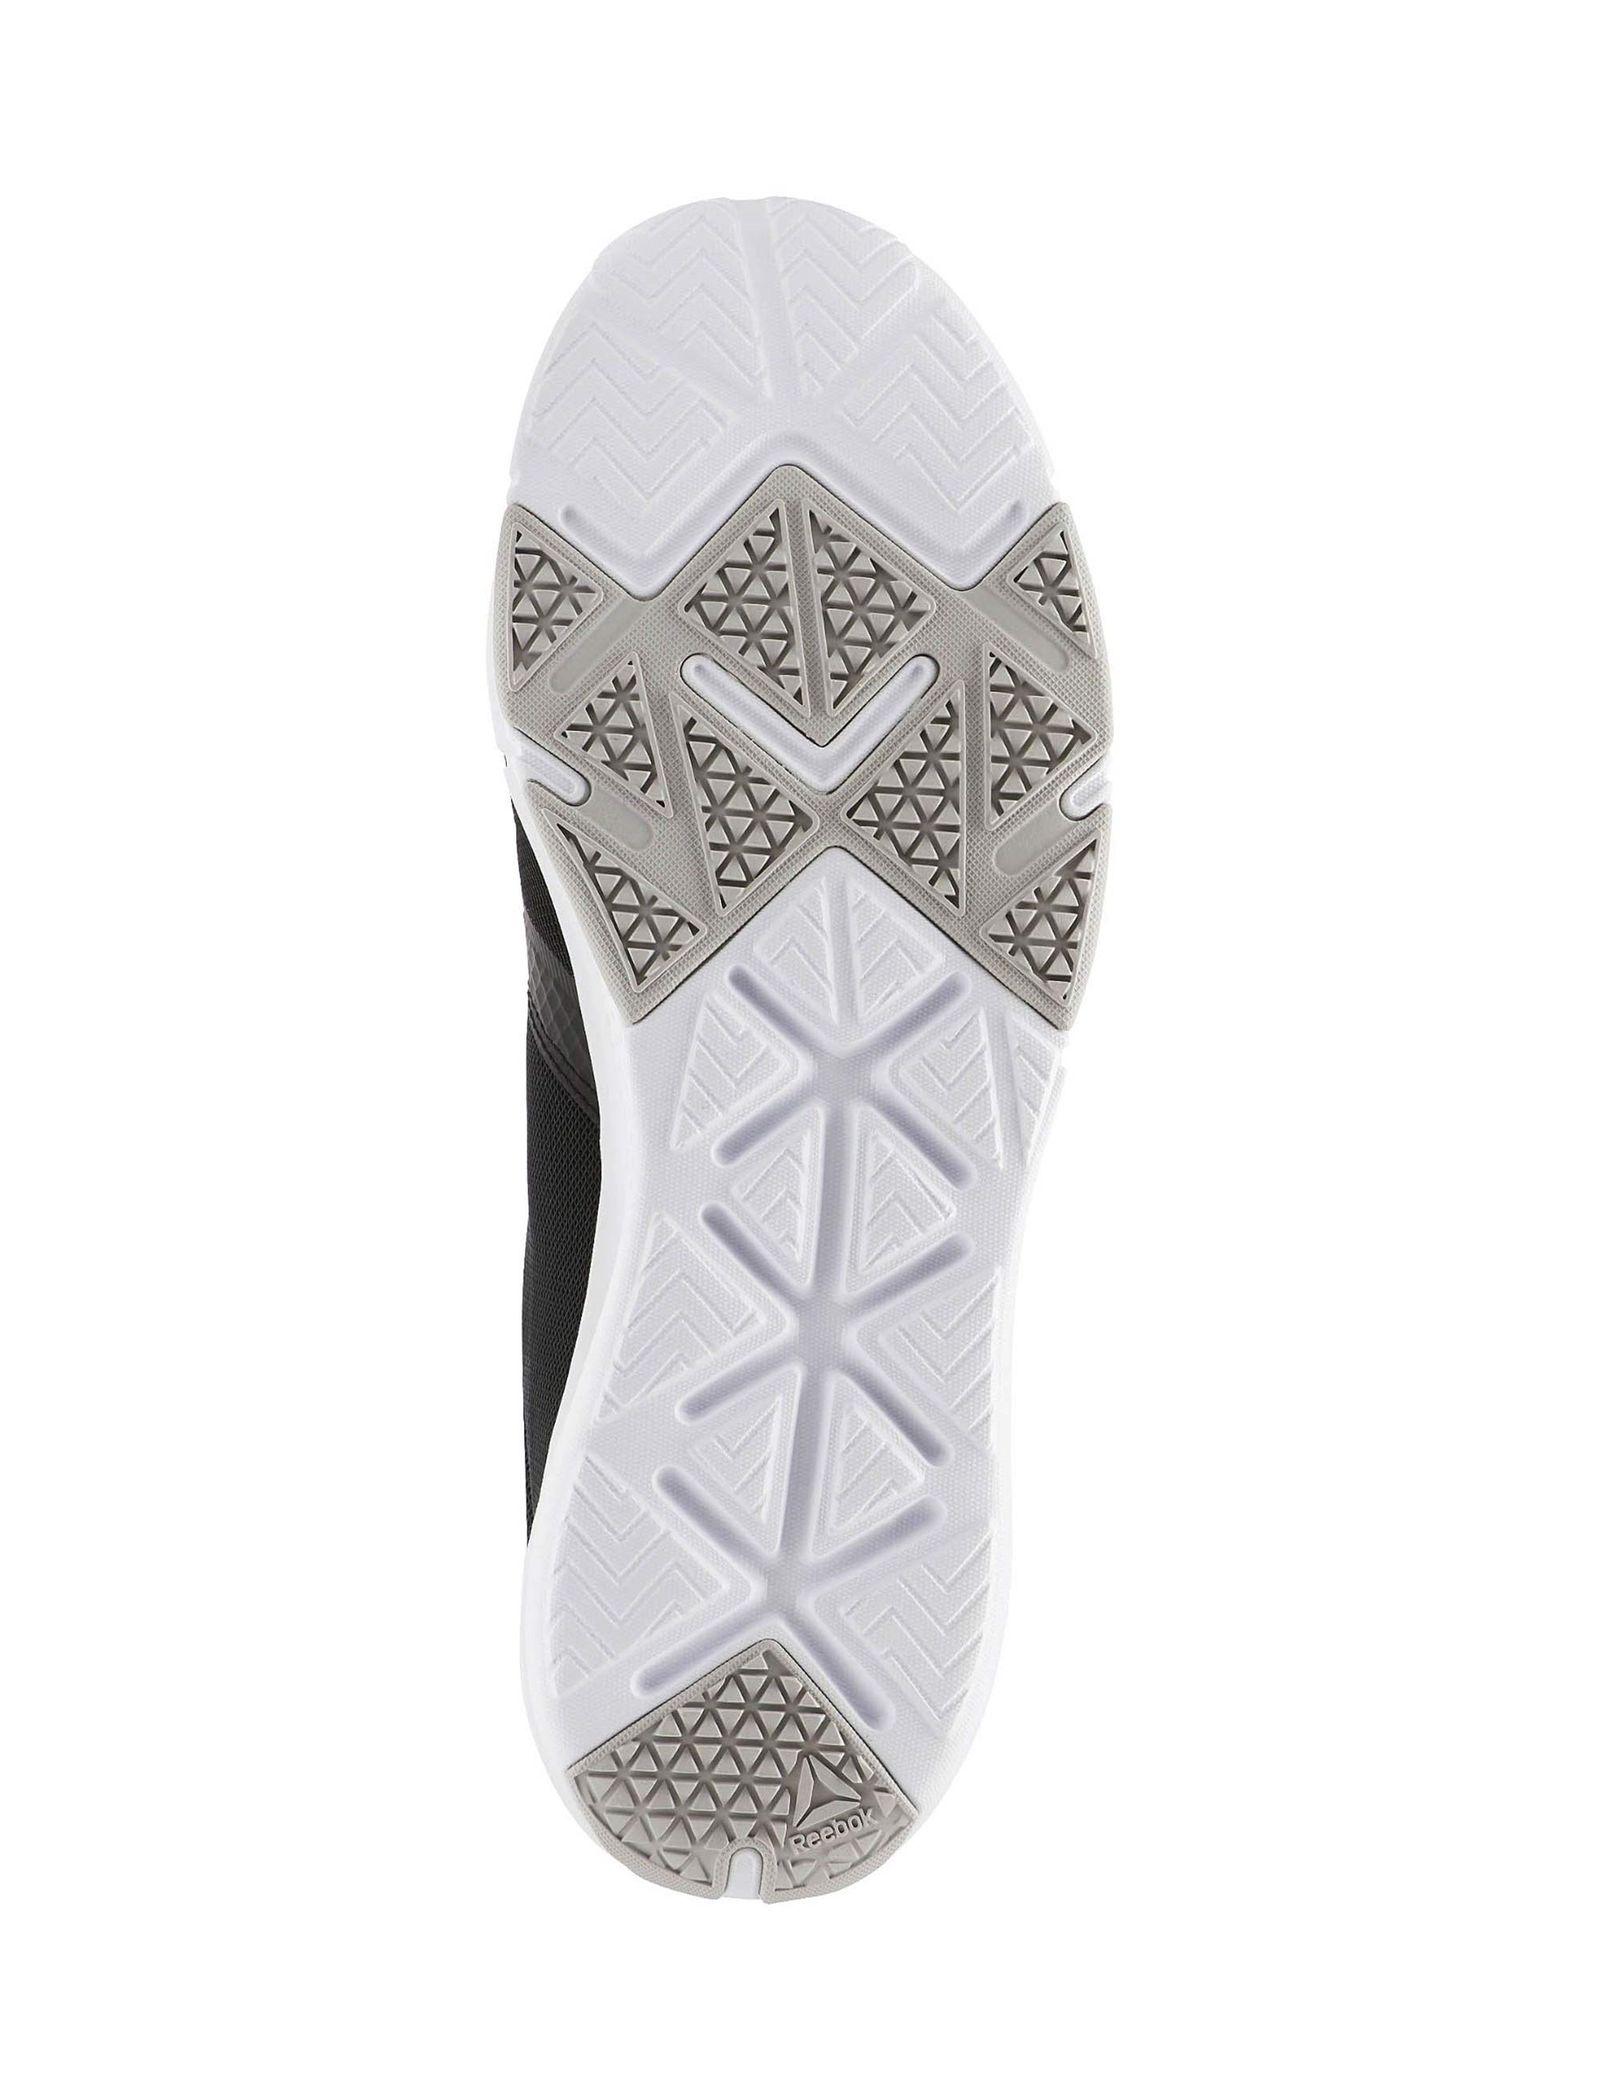 کفش تمرین بندی مردانه Flexile - ریباک - مشکي - 2